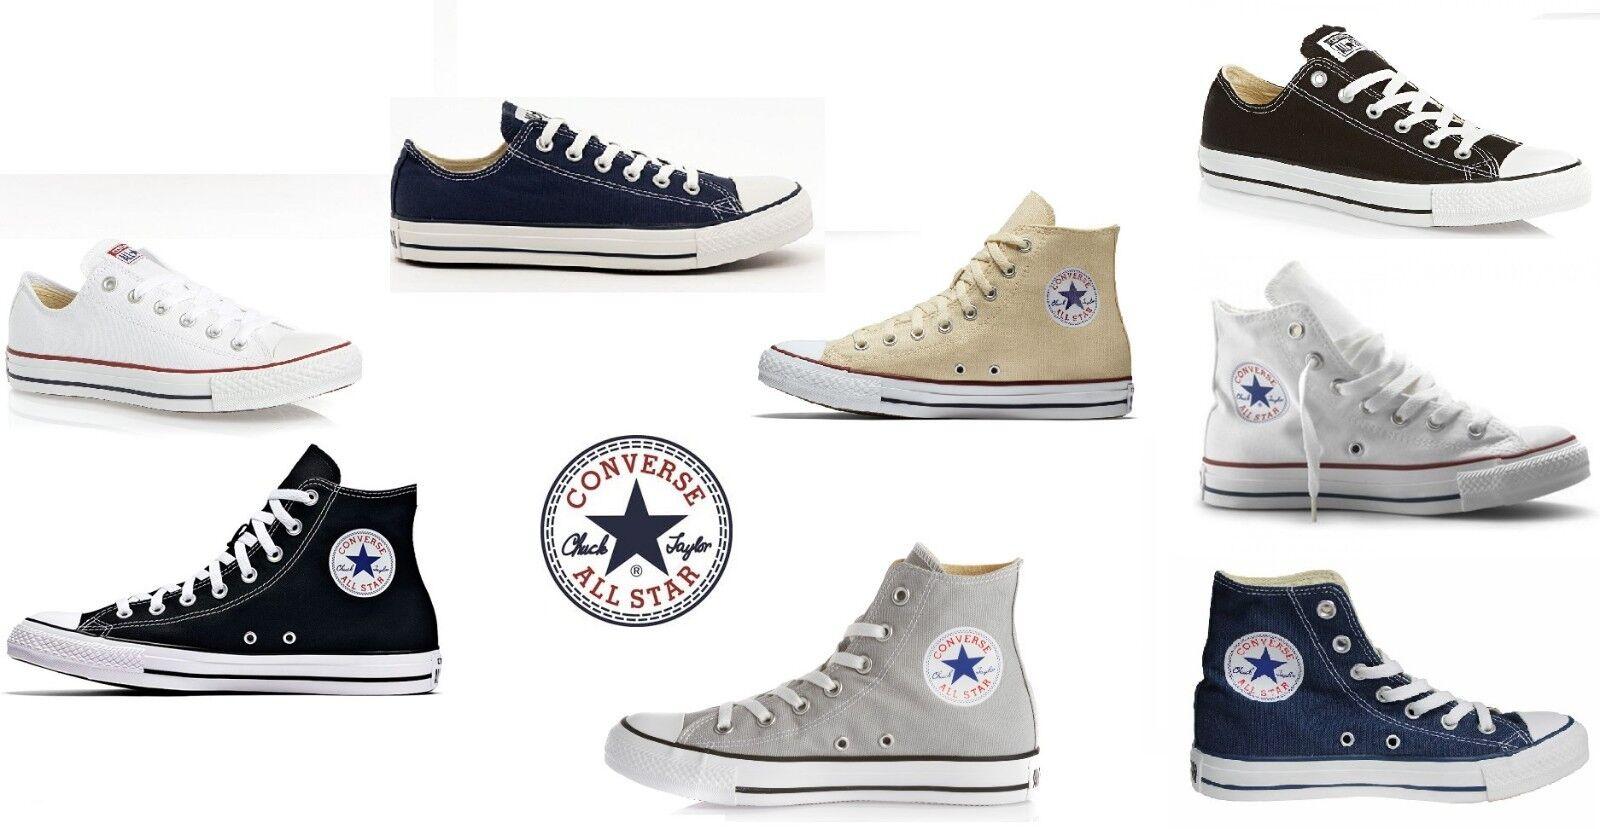 CONVERSE CONVERSE CONVERSE All Star Chuck Taylor zapatillas unisex cotone suola gomma 100% originale ce63bc